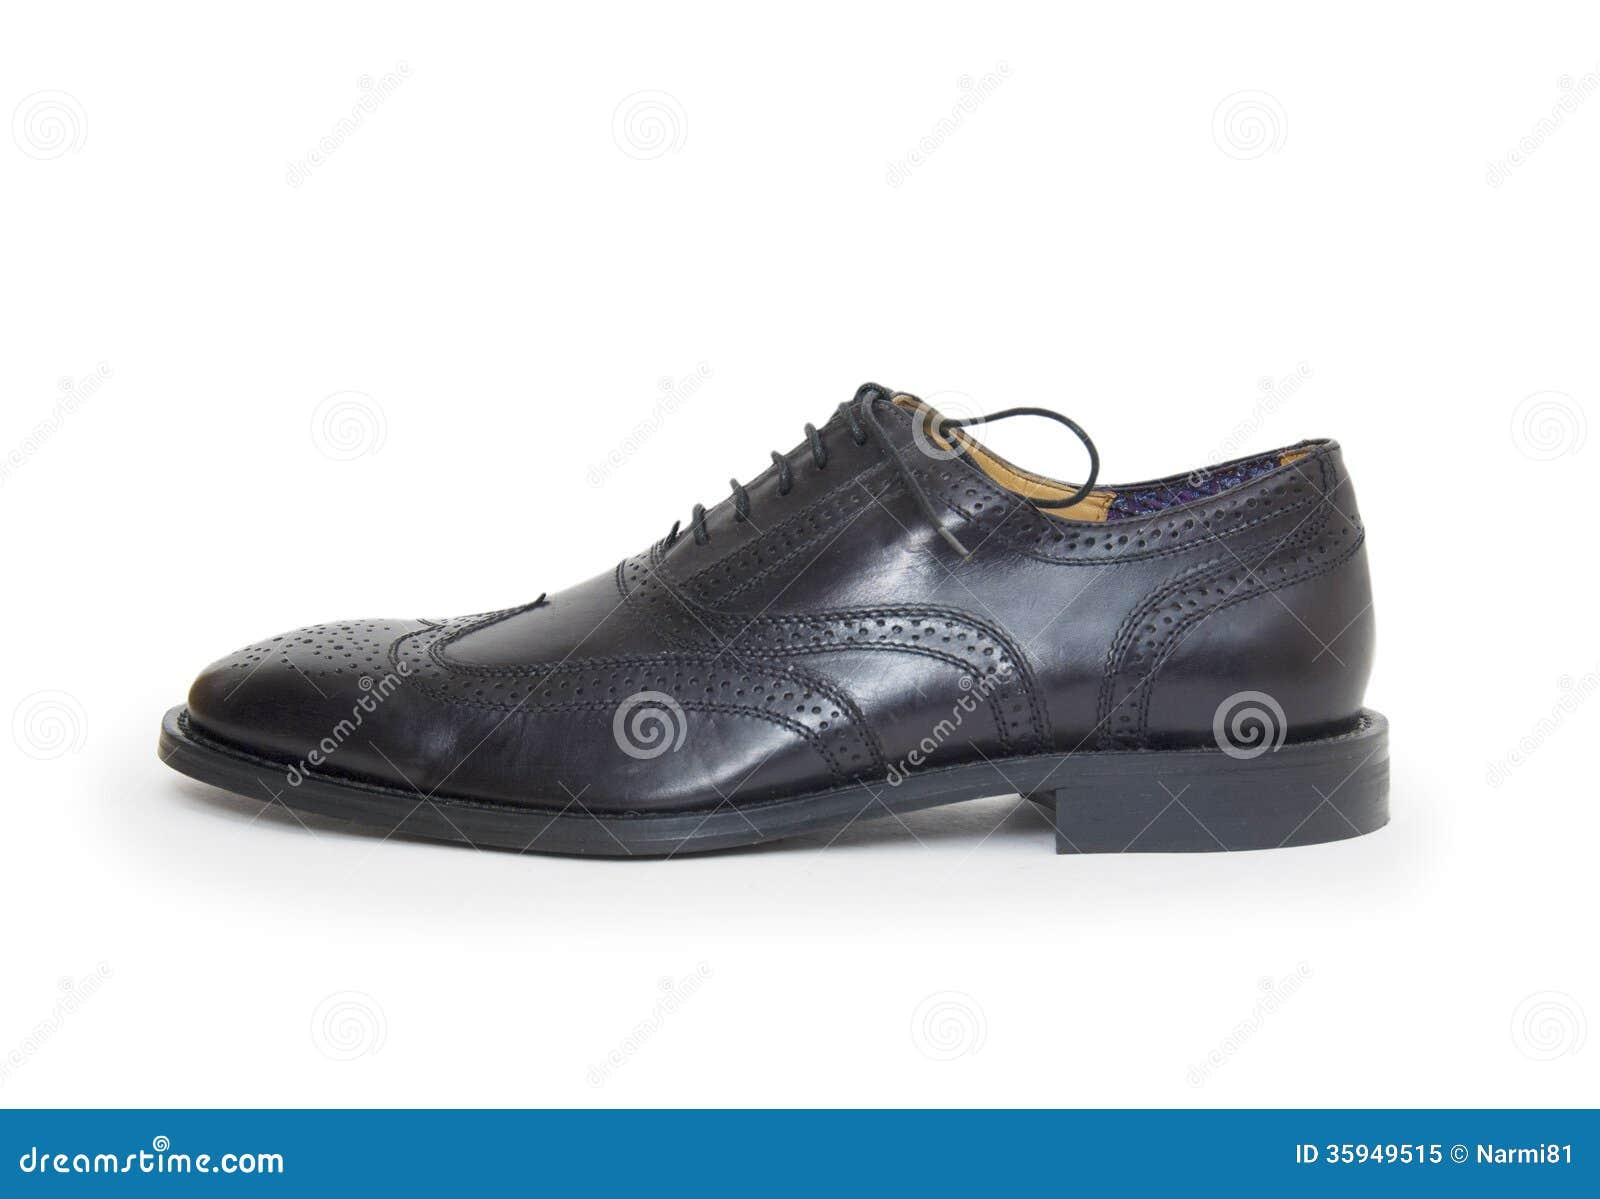 bab6898cea El Zapato Del Hombre Negro Aislado En El Fondo Blanco. Imagen de ...